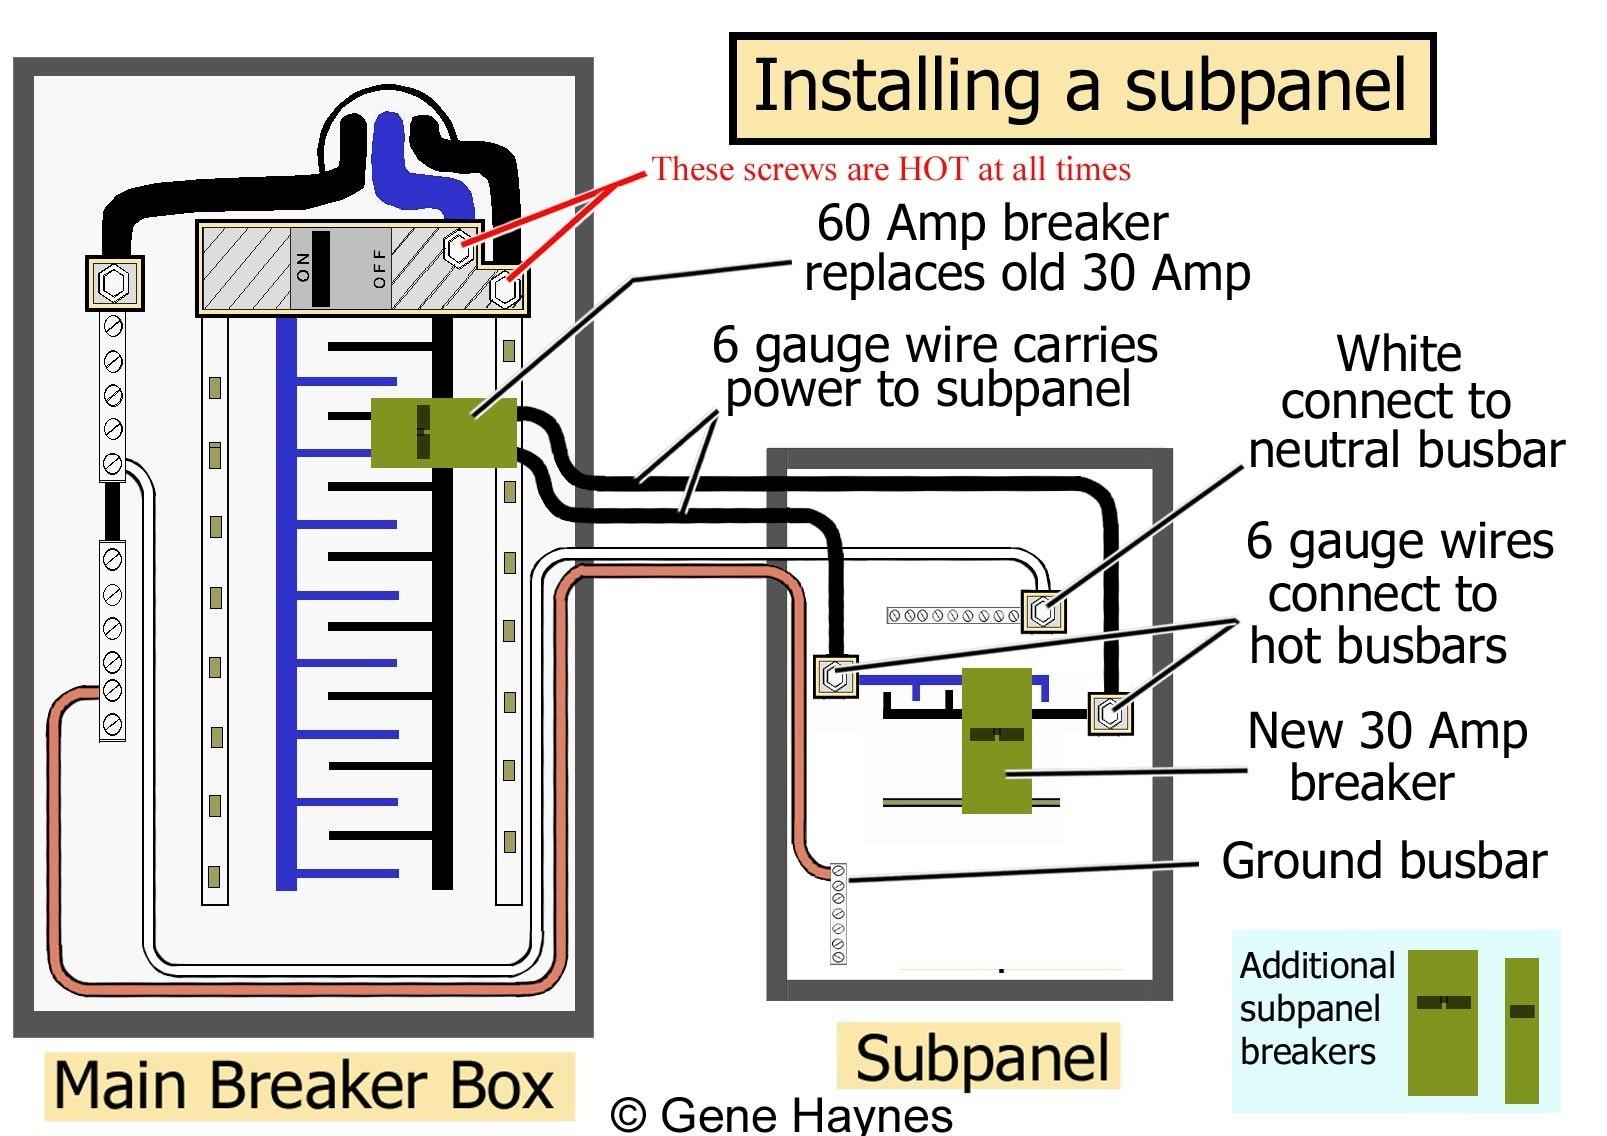 60 Amp Sub Panel Wiring Diagram Unique | Wiring Diagram Image